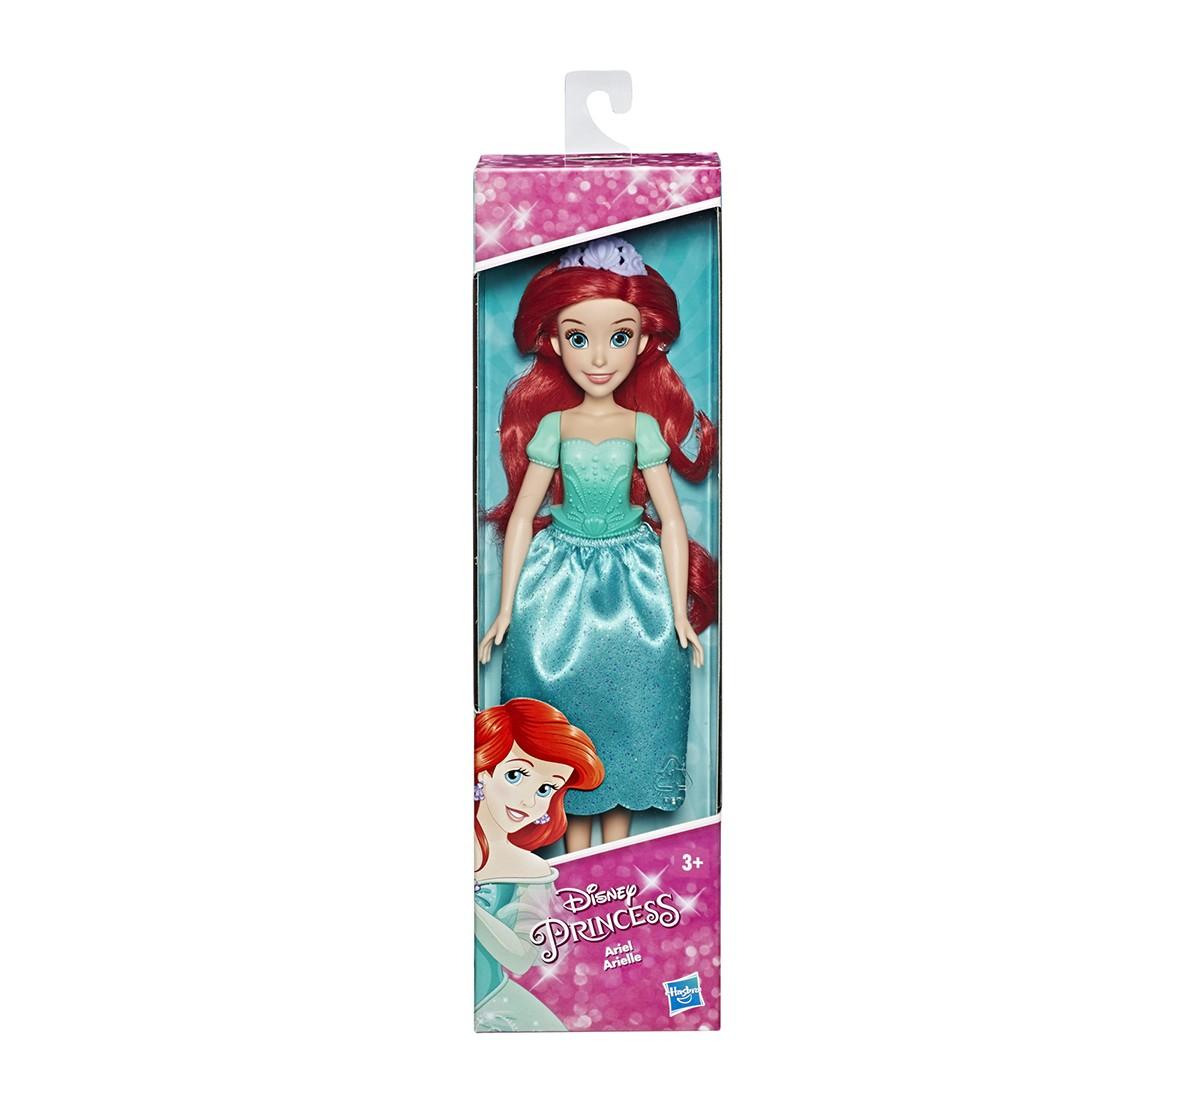 Disney Princess Ariel Fashion Doll & Accessories for GIRLS age 3Y+